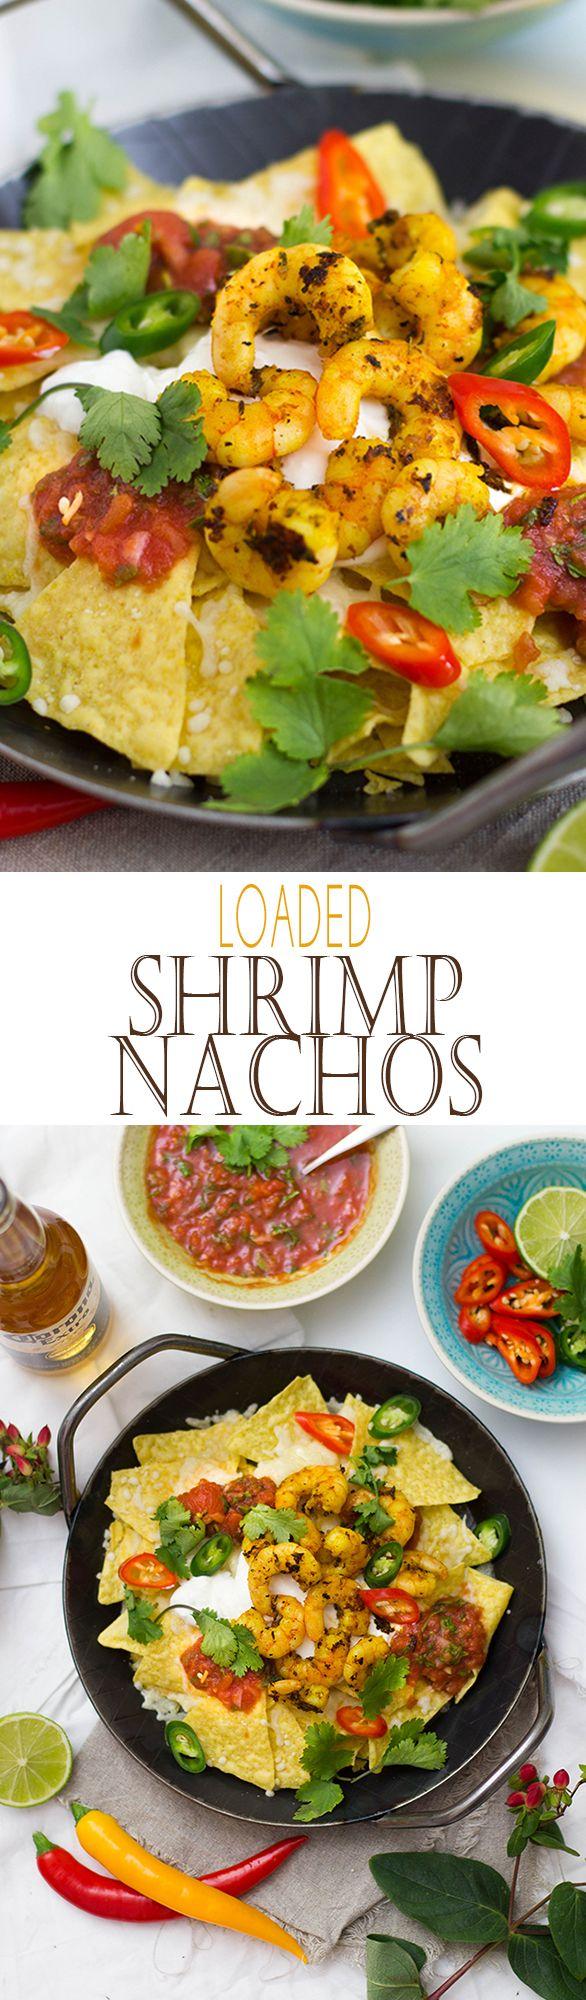 Loaded Nachos with Shrimp, Chili, Cheese, Sour Cream and the best Salsa | Überbackene Tortillas mit Garnelen, Chili, Saurer Sahne und des besten, selbstgemachten Salsa